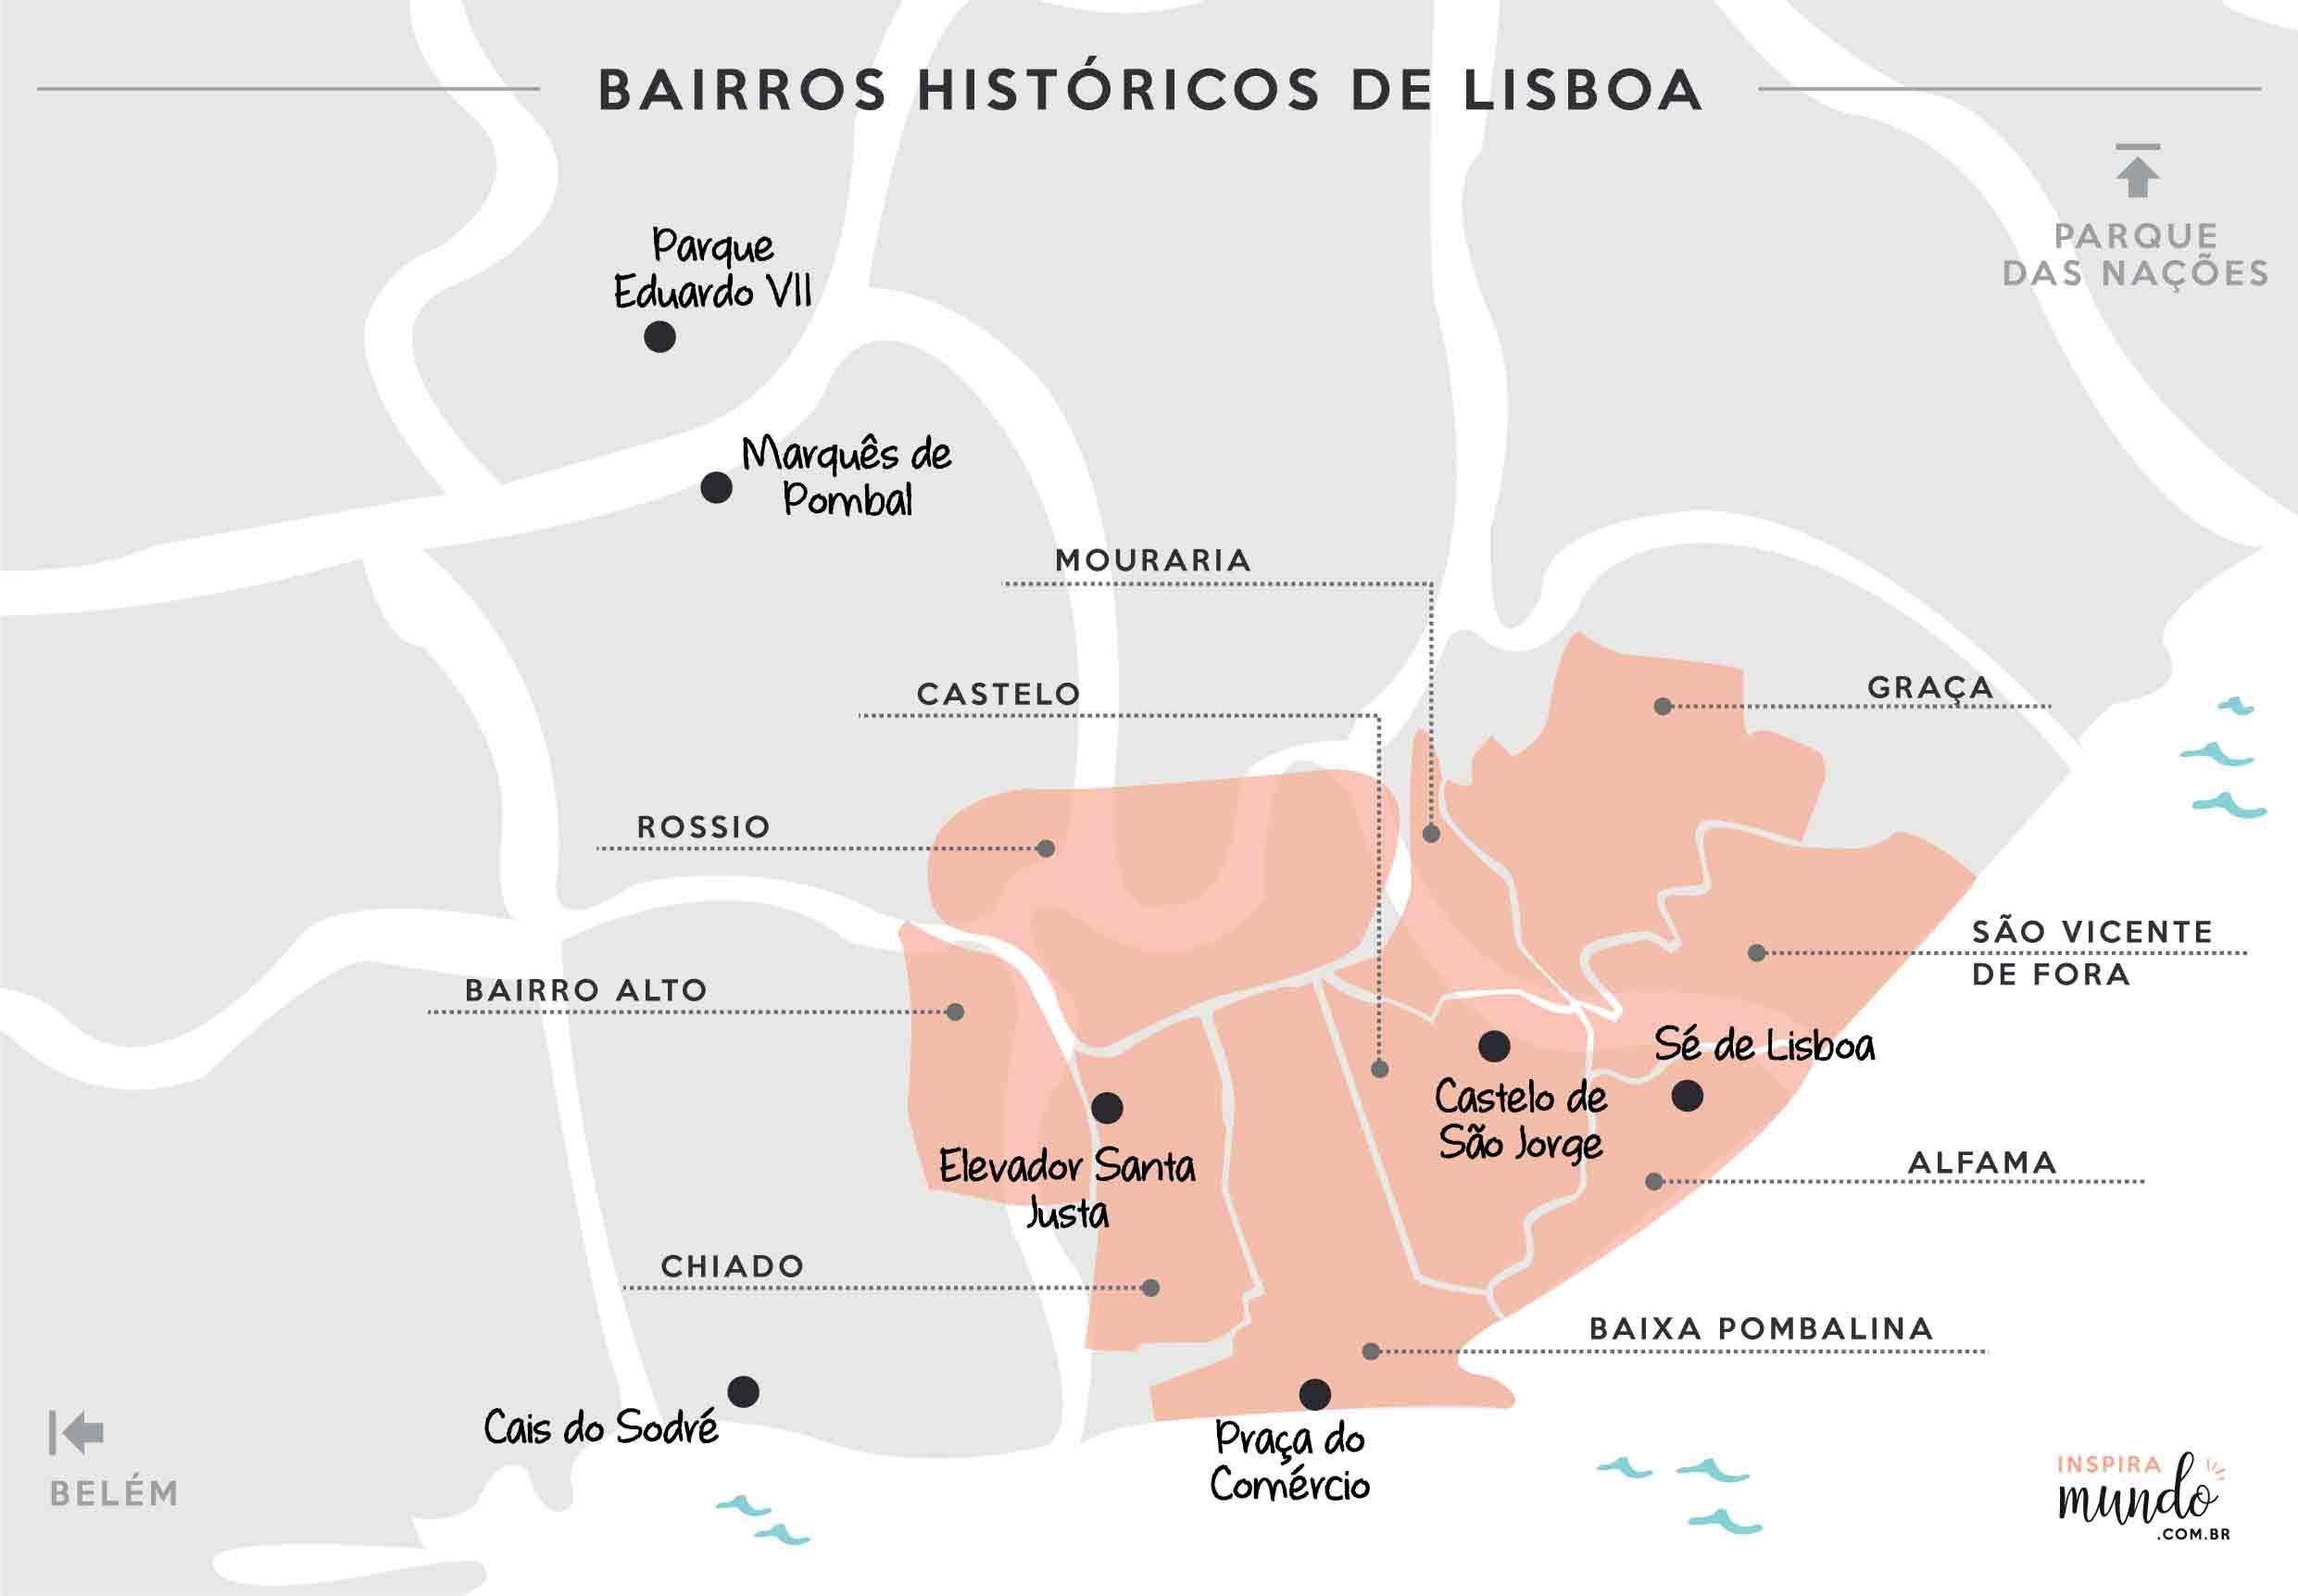 Faca Seu Roteiro Lisboa Inspira Mundo